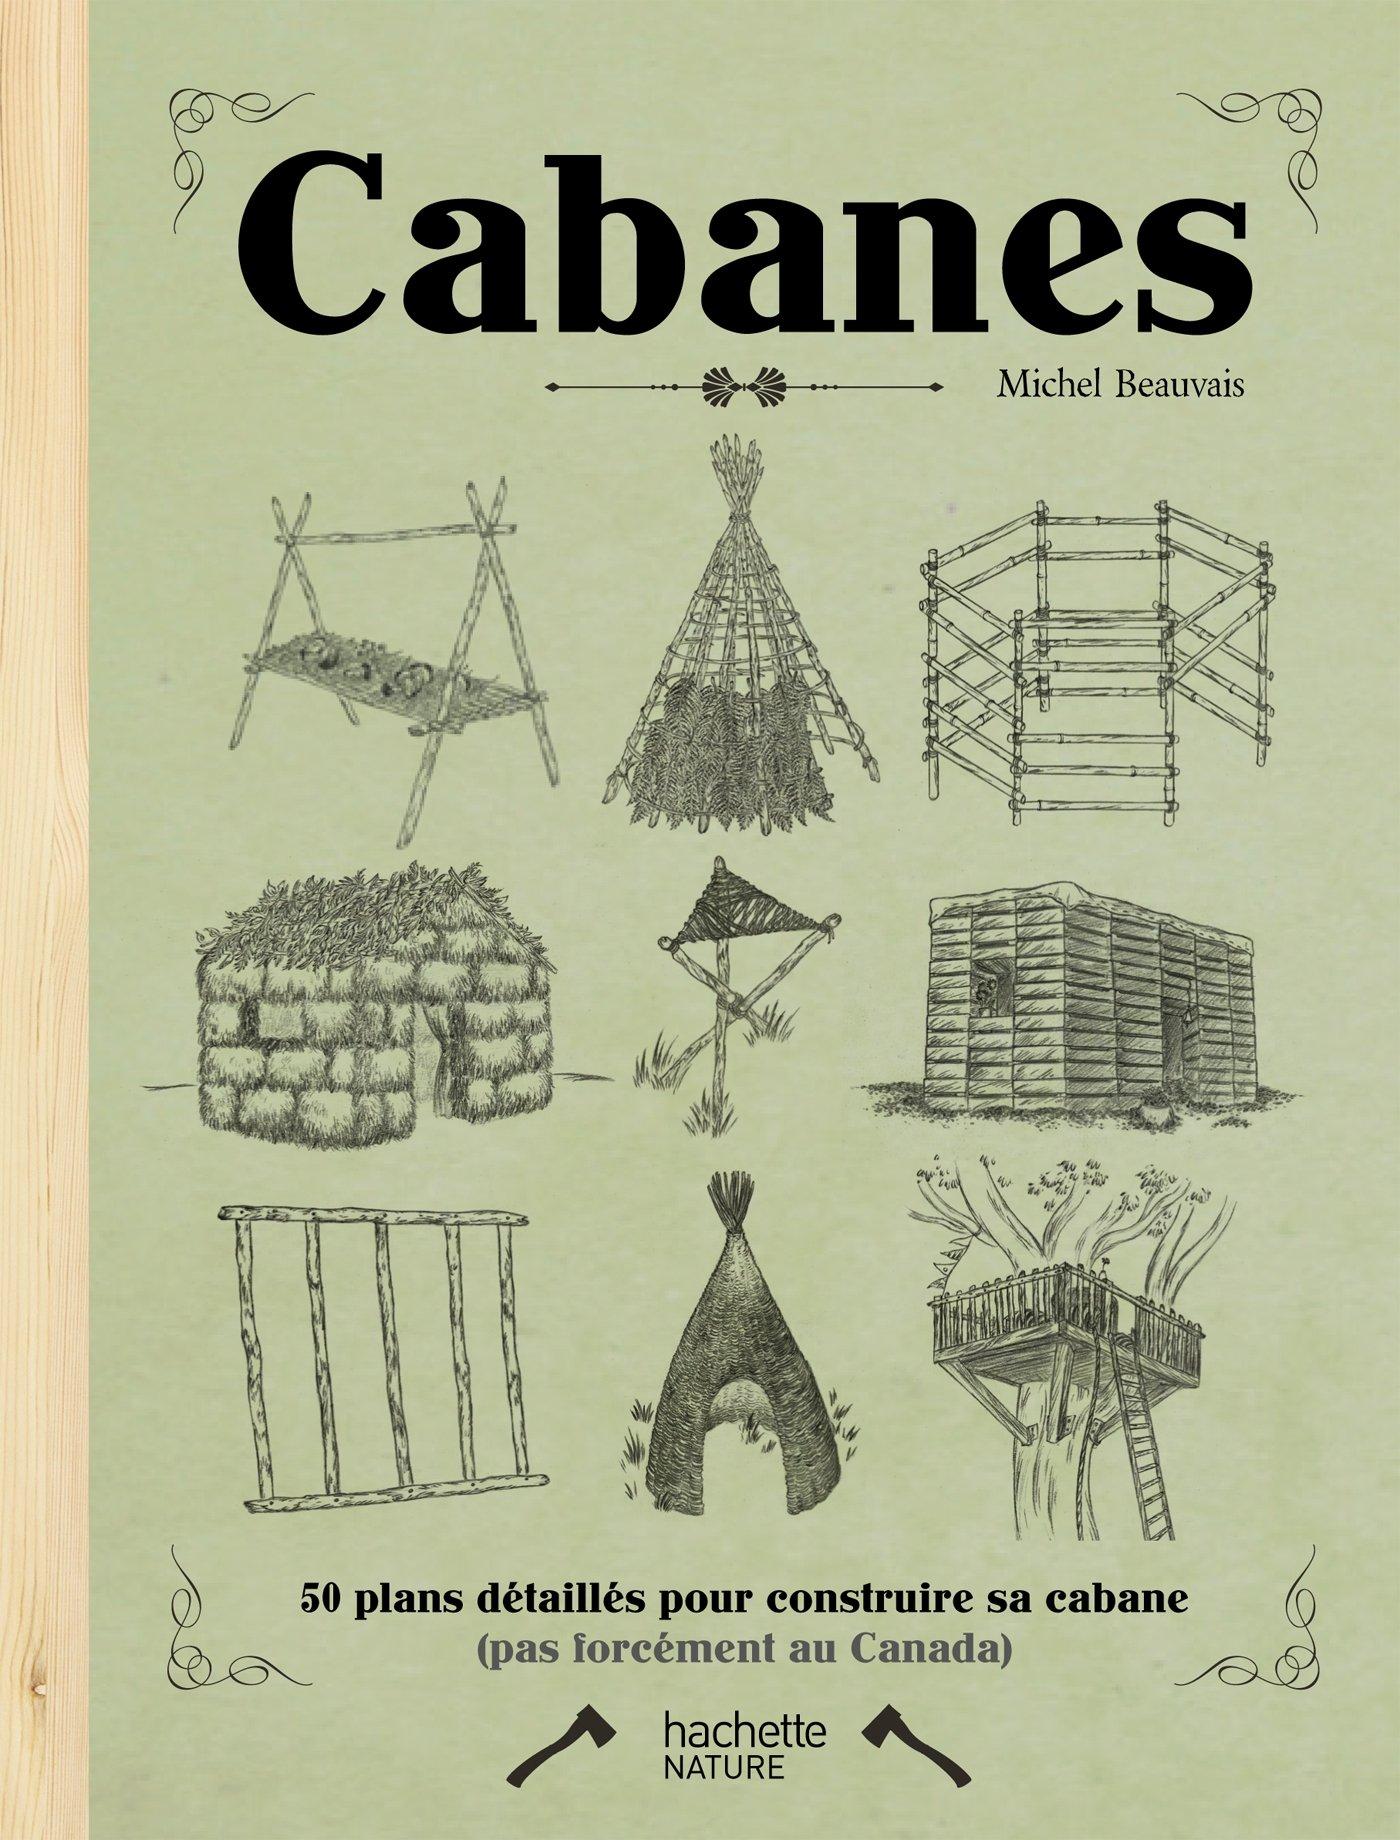 Cabanes 50 Plans Detailles Pour Construire Sa Cabane Loisirs Sports Passions Beauvais Michel 9782012385115 Amazon Com Books